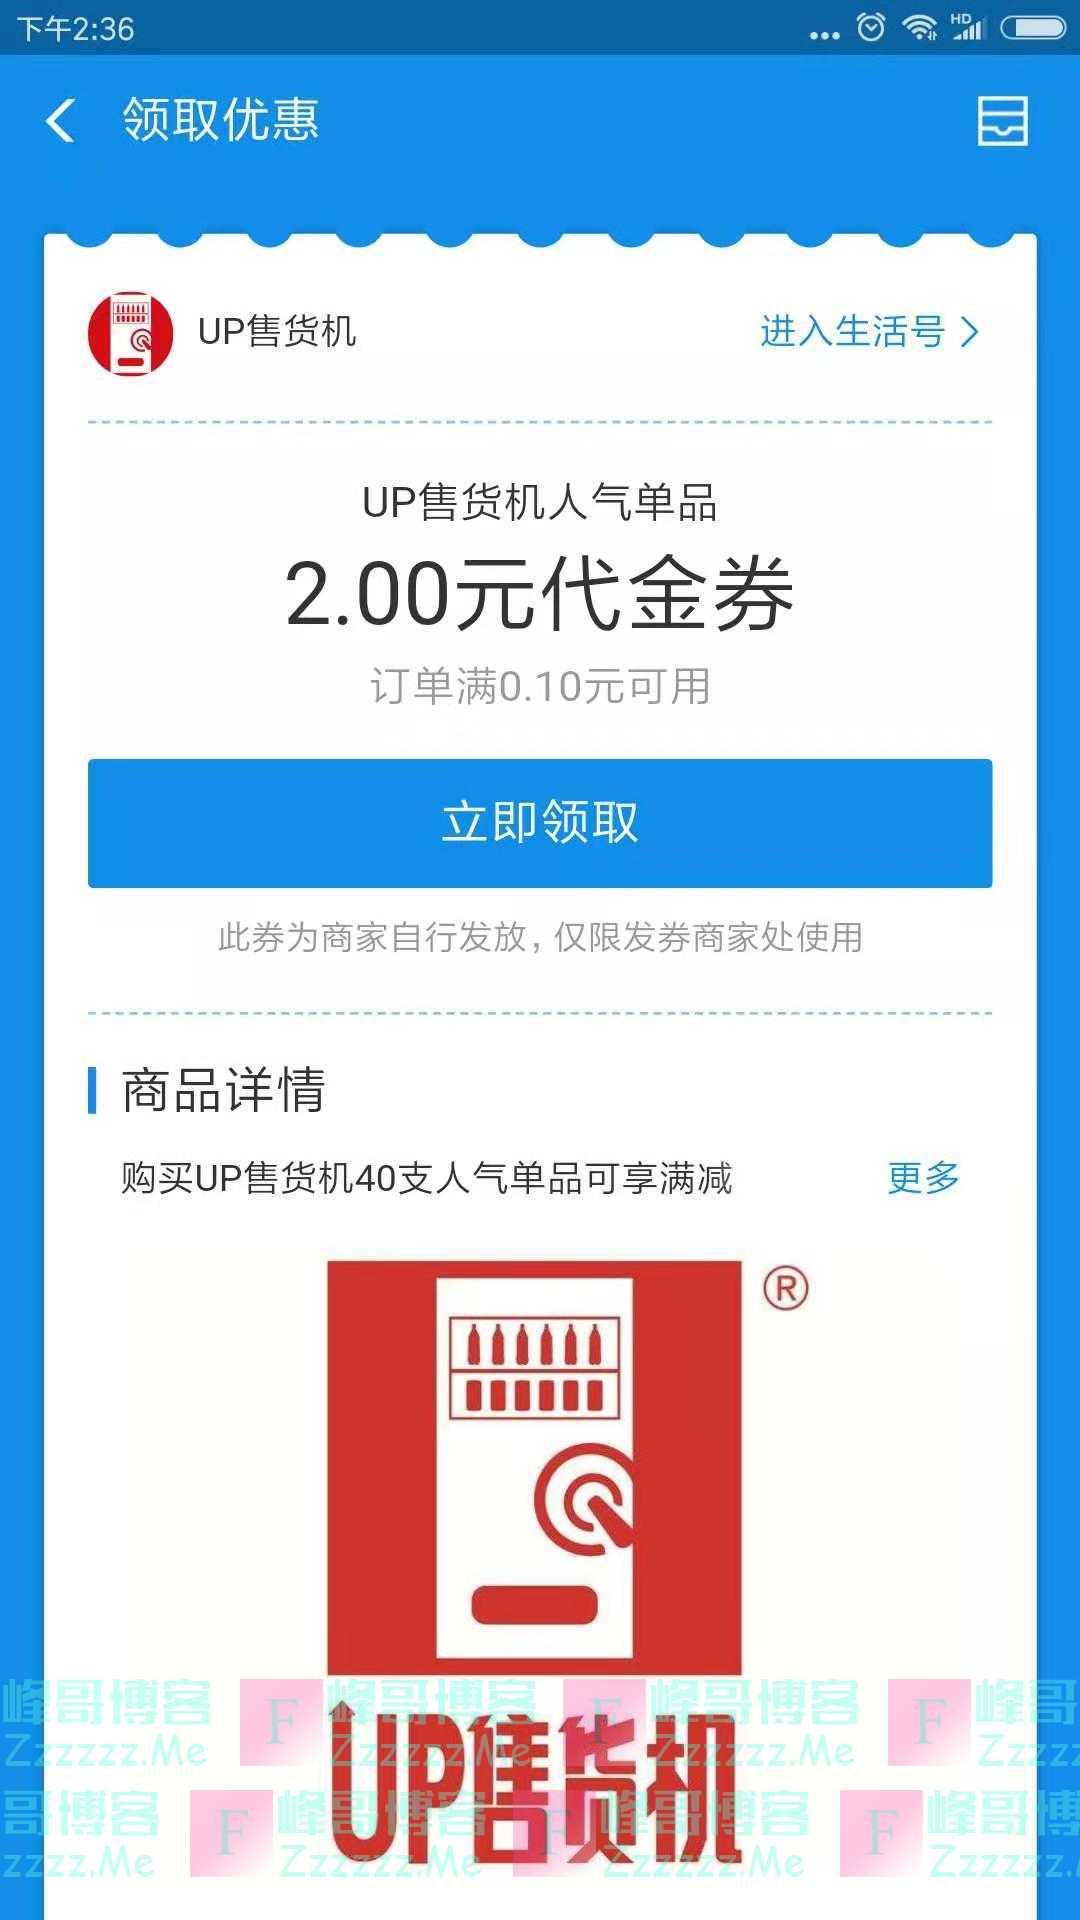 UP售货机支付宝2元代金券(截止1月20日)